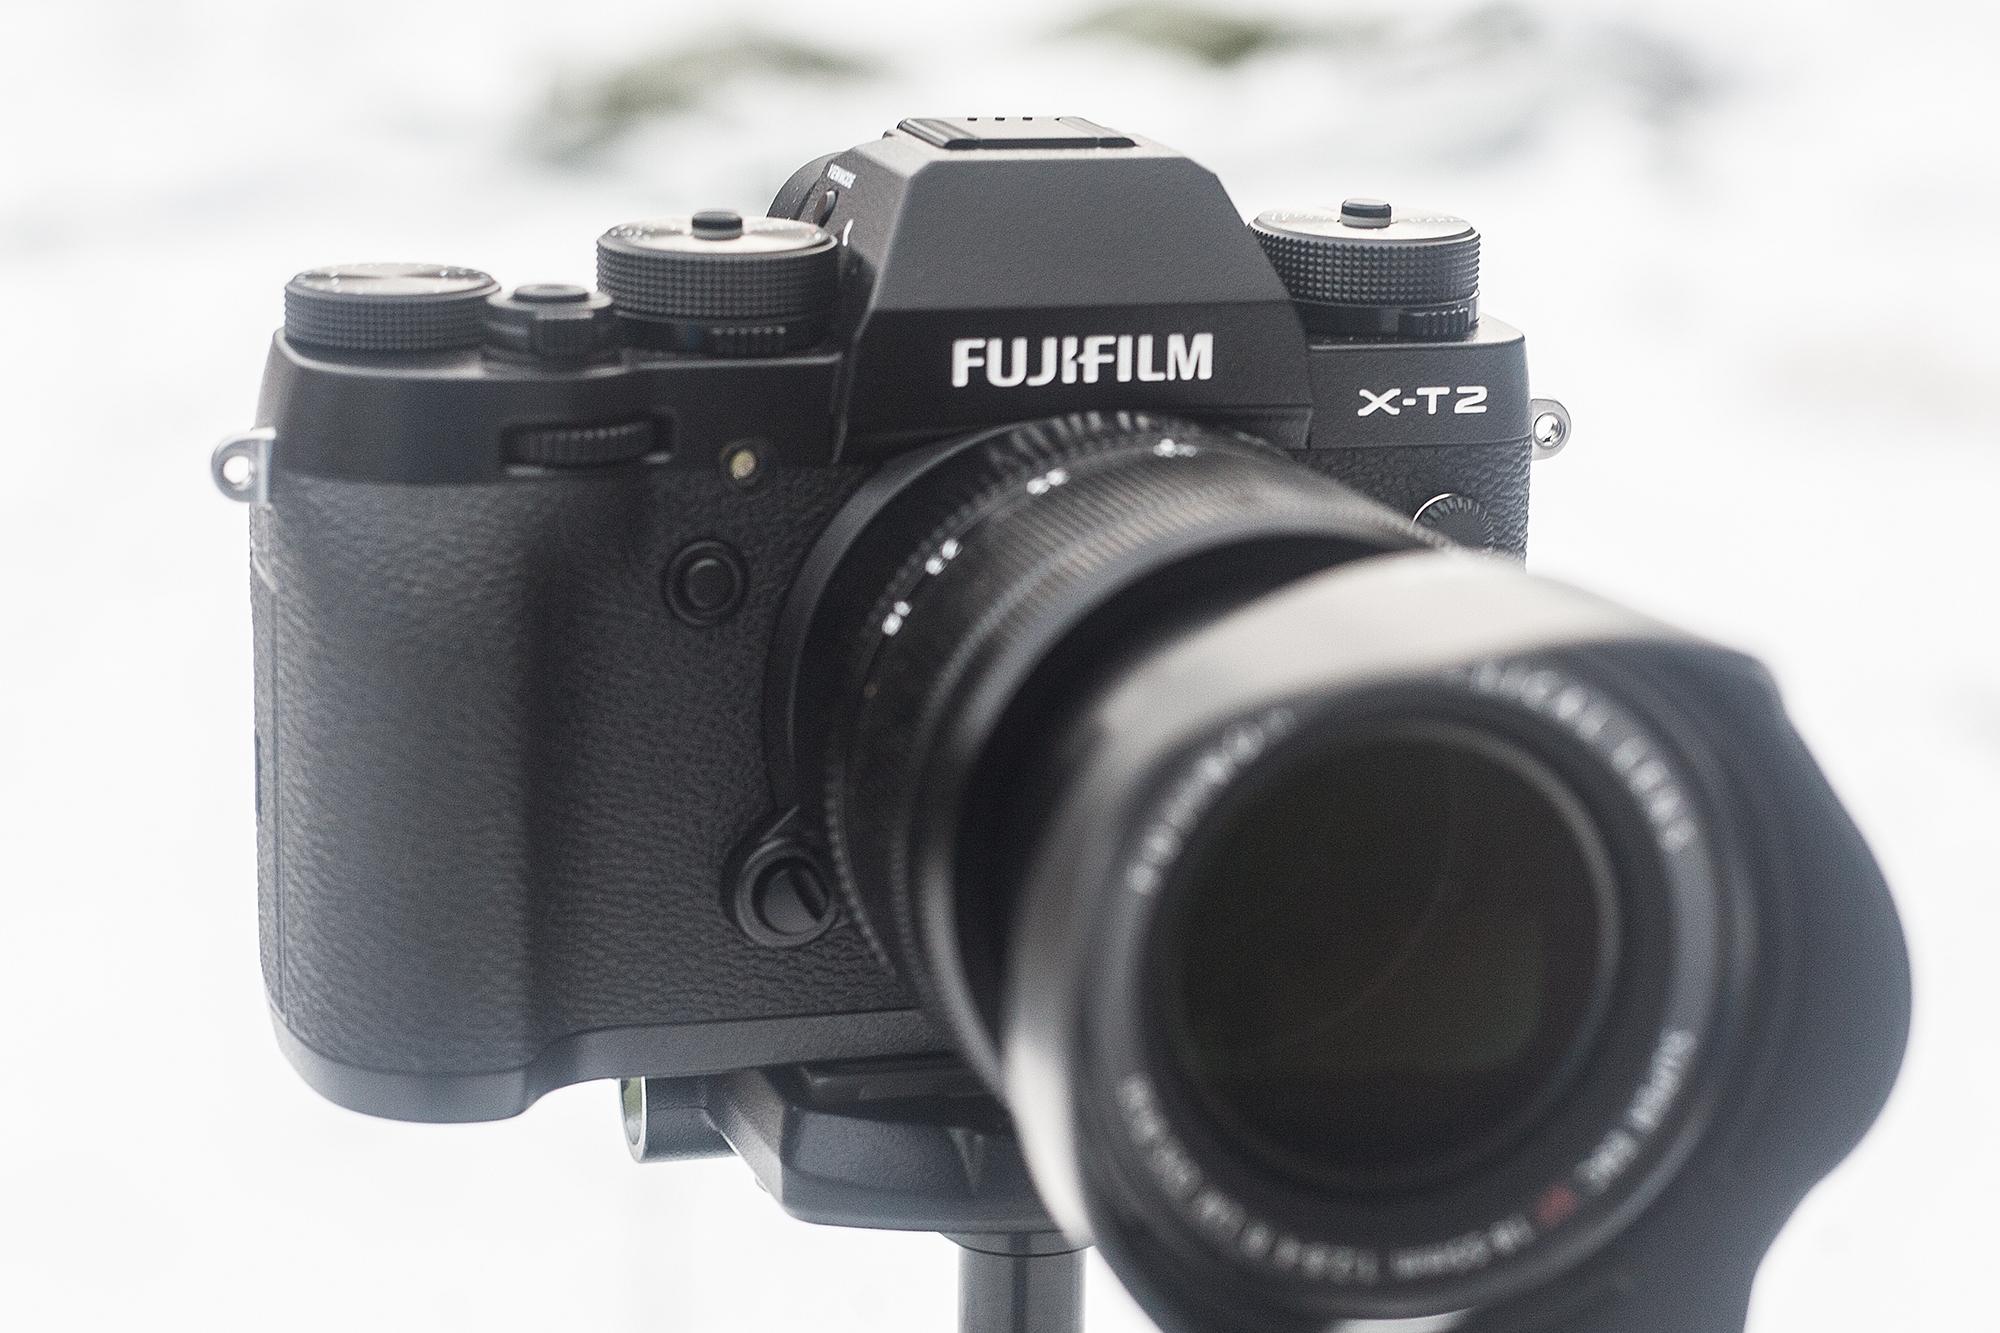 Kaamera käepide pakub head tuge ning selle kõrval olevat programmeeritavat nuppu on lihtne vajutada